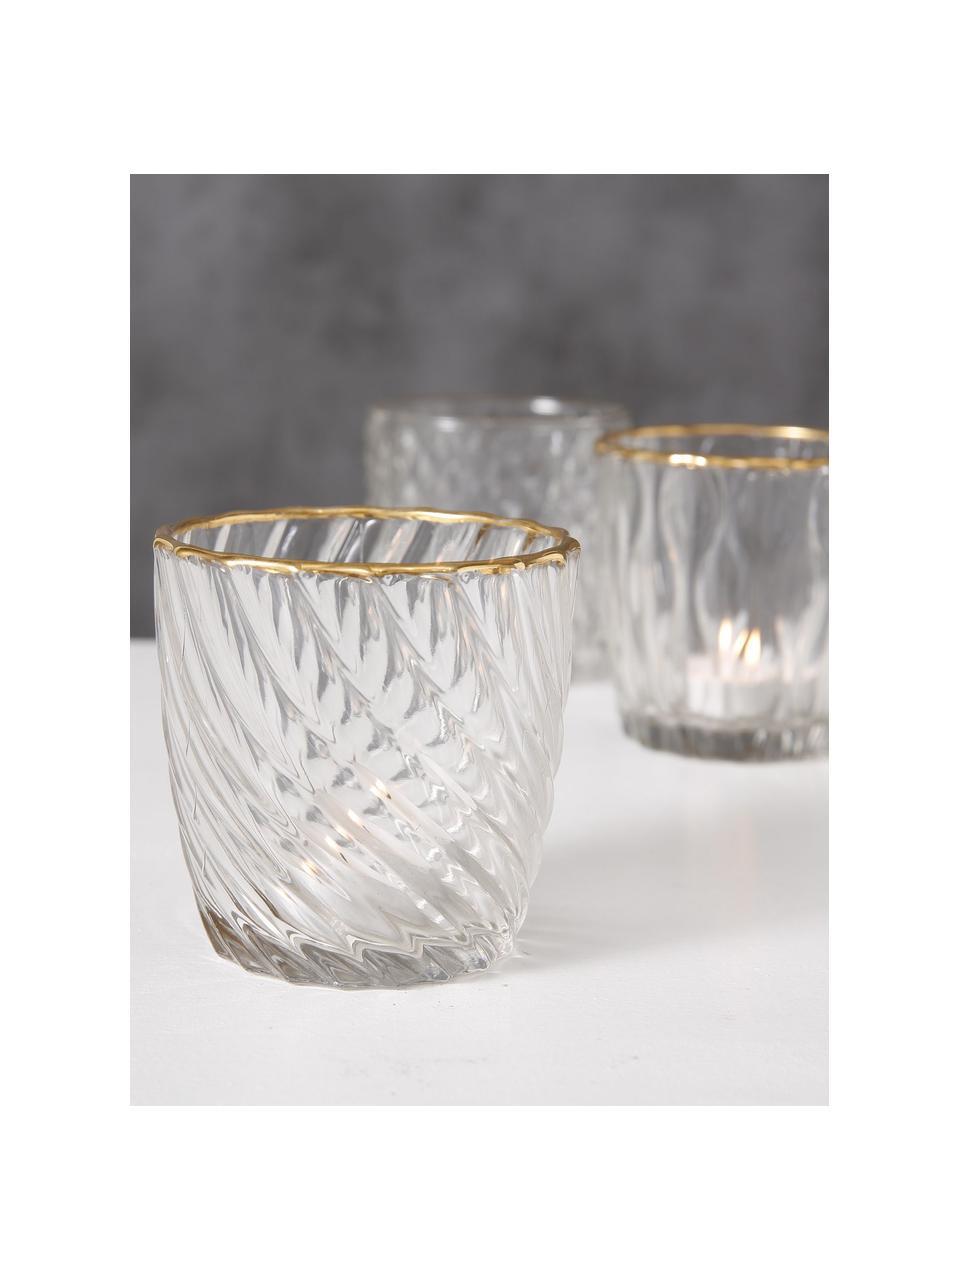 Świecznik na podgrzewacz Adore, 3 elem., Szkło lakierowane, Transparentny, odcienie złotego, Ø 9 x W 9 cm